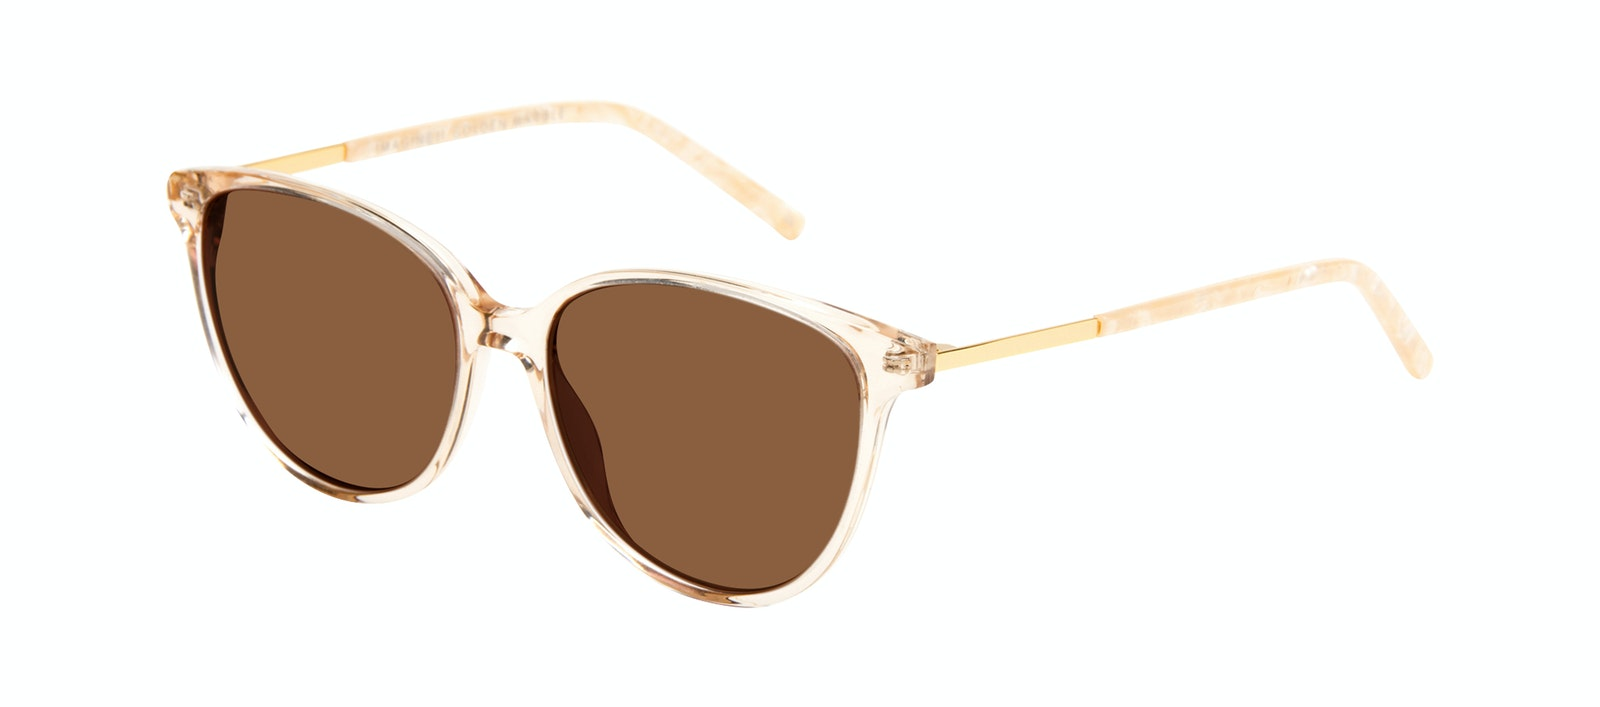 Lunettes tendance Oeil de chat Lunettes de soleil Femmes Imagine II Golden Marble Incliné